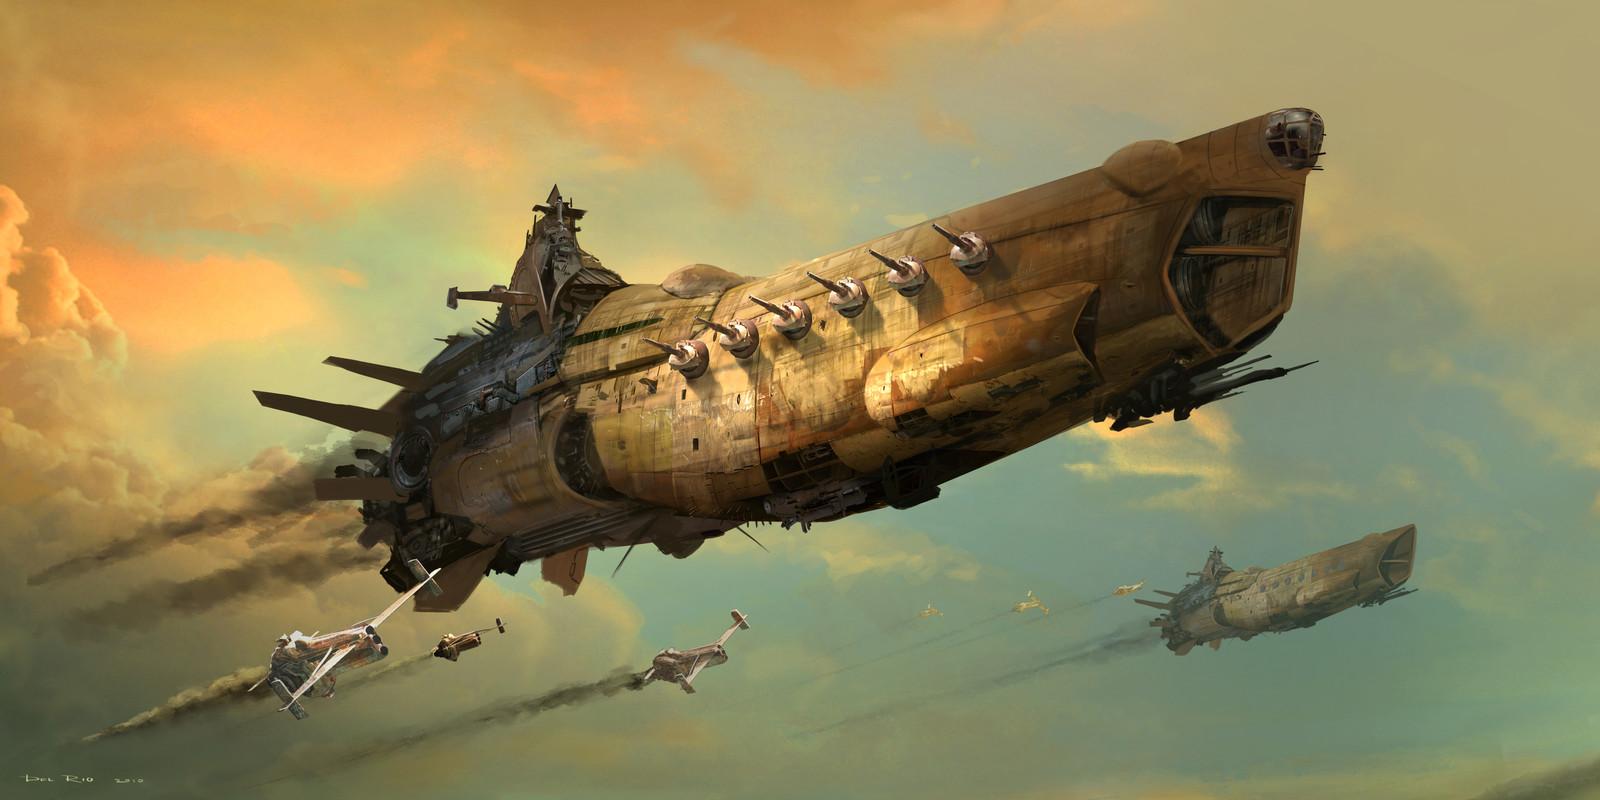 Robota battleship